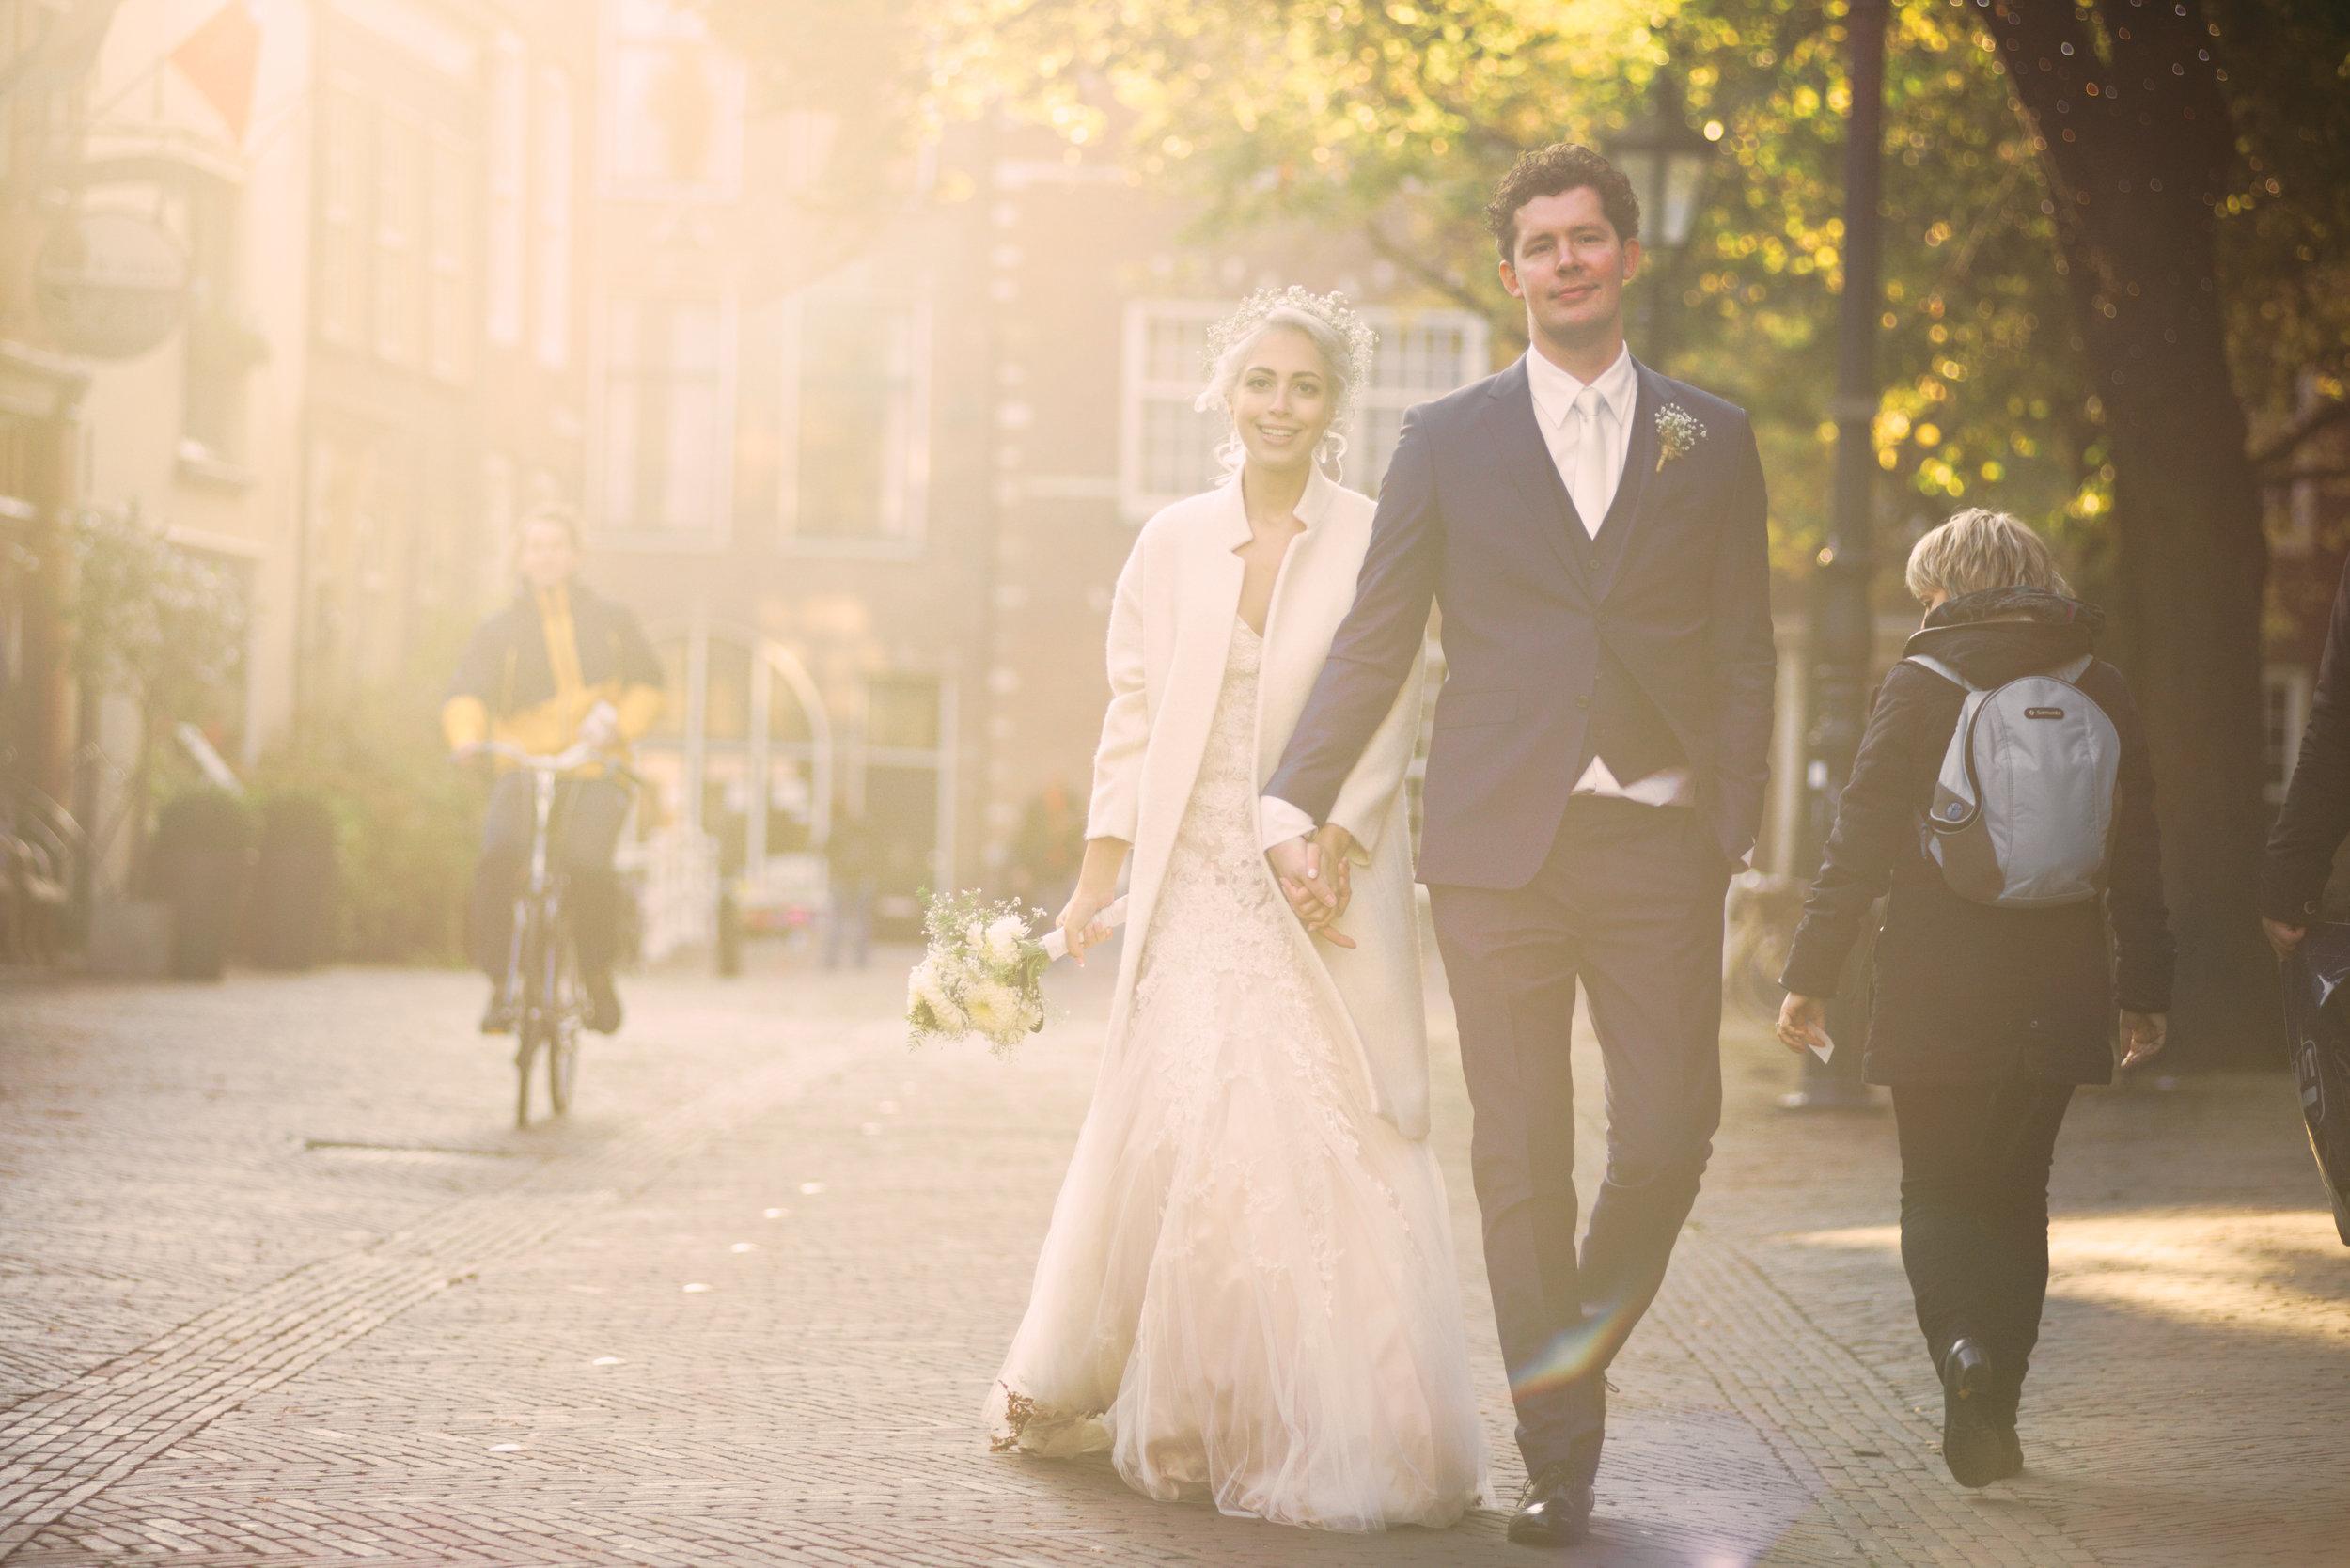 Wedding_Ceren_Bas_2016-10-22_16h59m26s_2_447.jpg